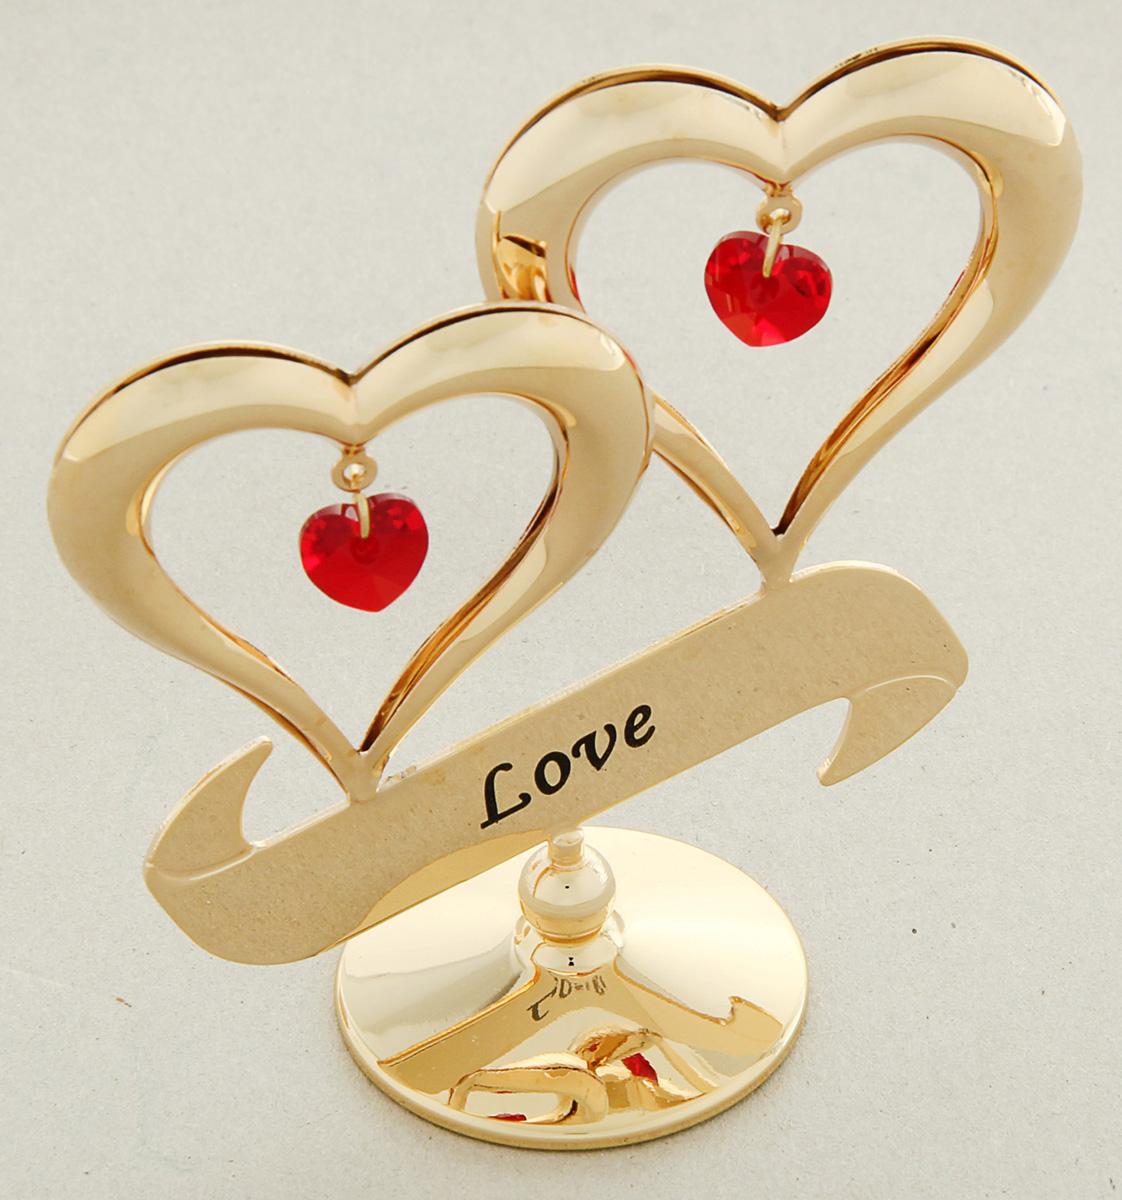 Миниатюра Swarovski Elements Два сердца, с кристаллами Сваровски, 4 х 7 х 4,3 см1005946Сувенирное сердце станет идеальным подарком близкому человеку и всем любителям эксклюзивных вещей ручной работы. Символ сердца связан с образом взаимной любви. Именно поэтому такой подарок можно подарить, чтобы выразить свои чувства любимому человеку.Сувенир украшен стразами Swarovski, которые были признаны специалистами лучшей имитацией бриллиантов. Свет, попадая на кристаллы Swarovski, разбивается на миллион радужных лучей. Это зрелище, бесспорно, оставляет яркое впечатление!